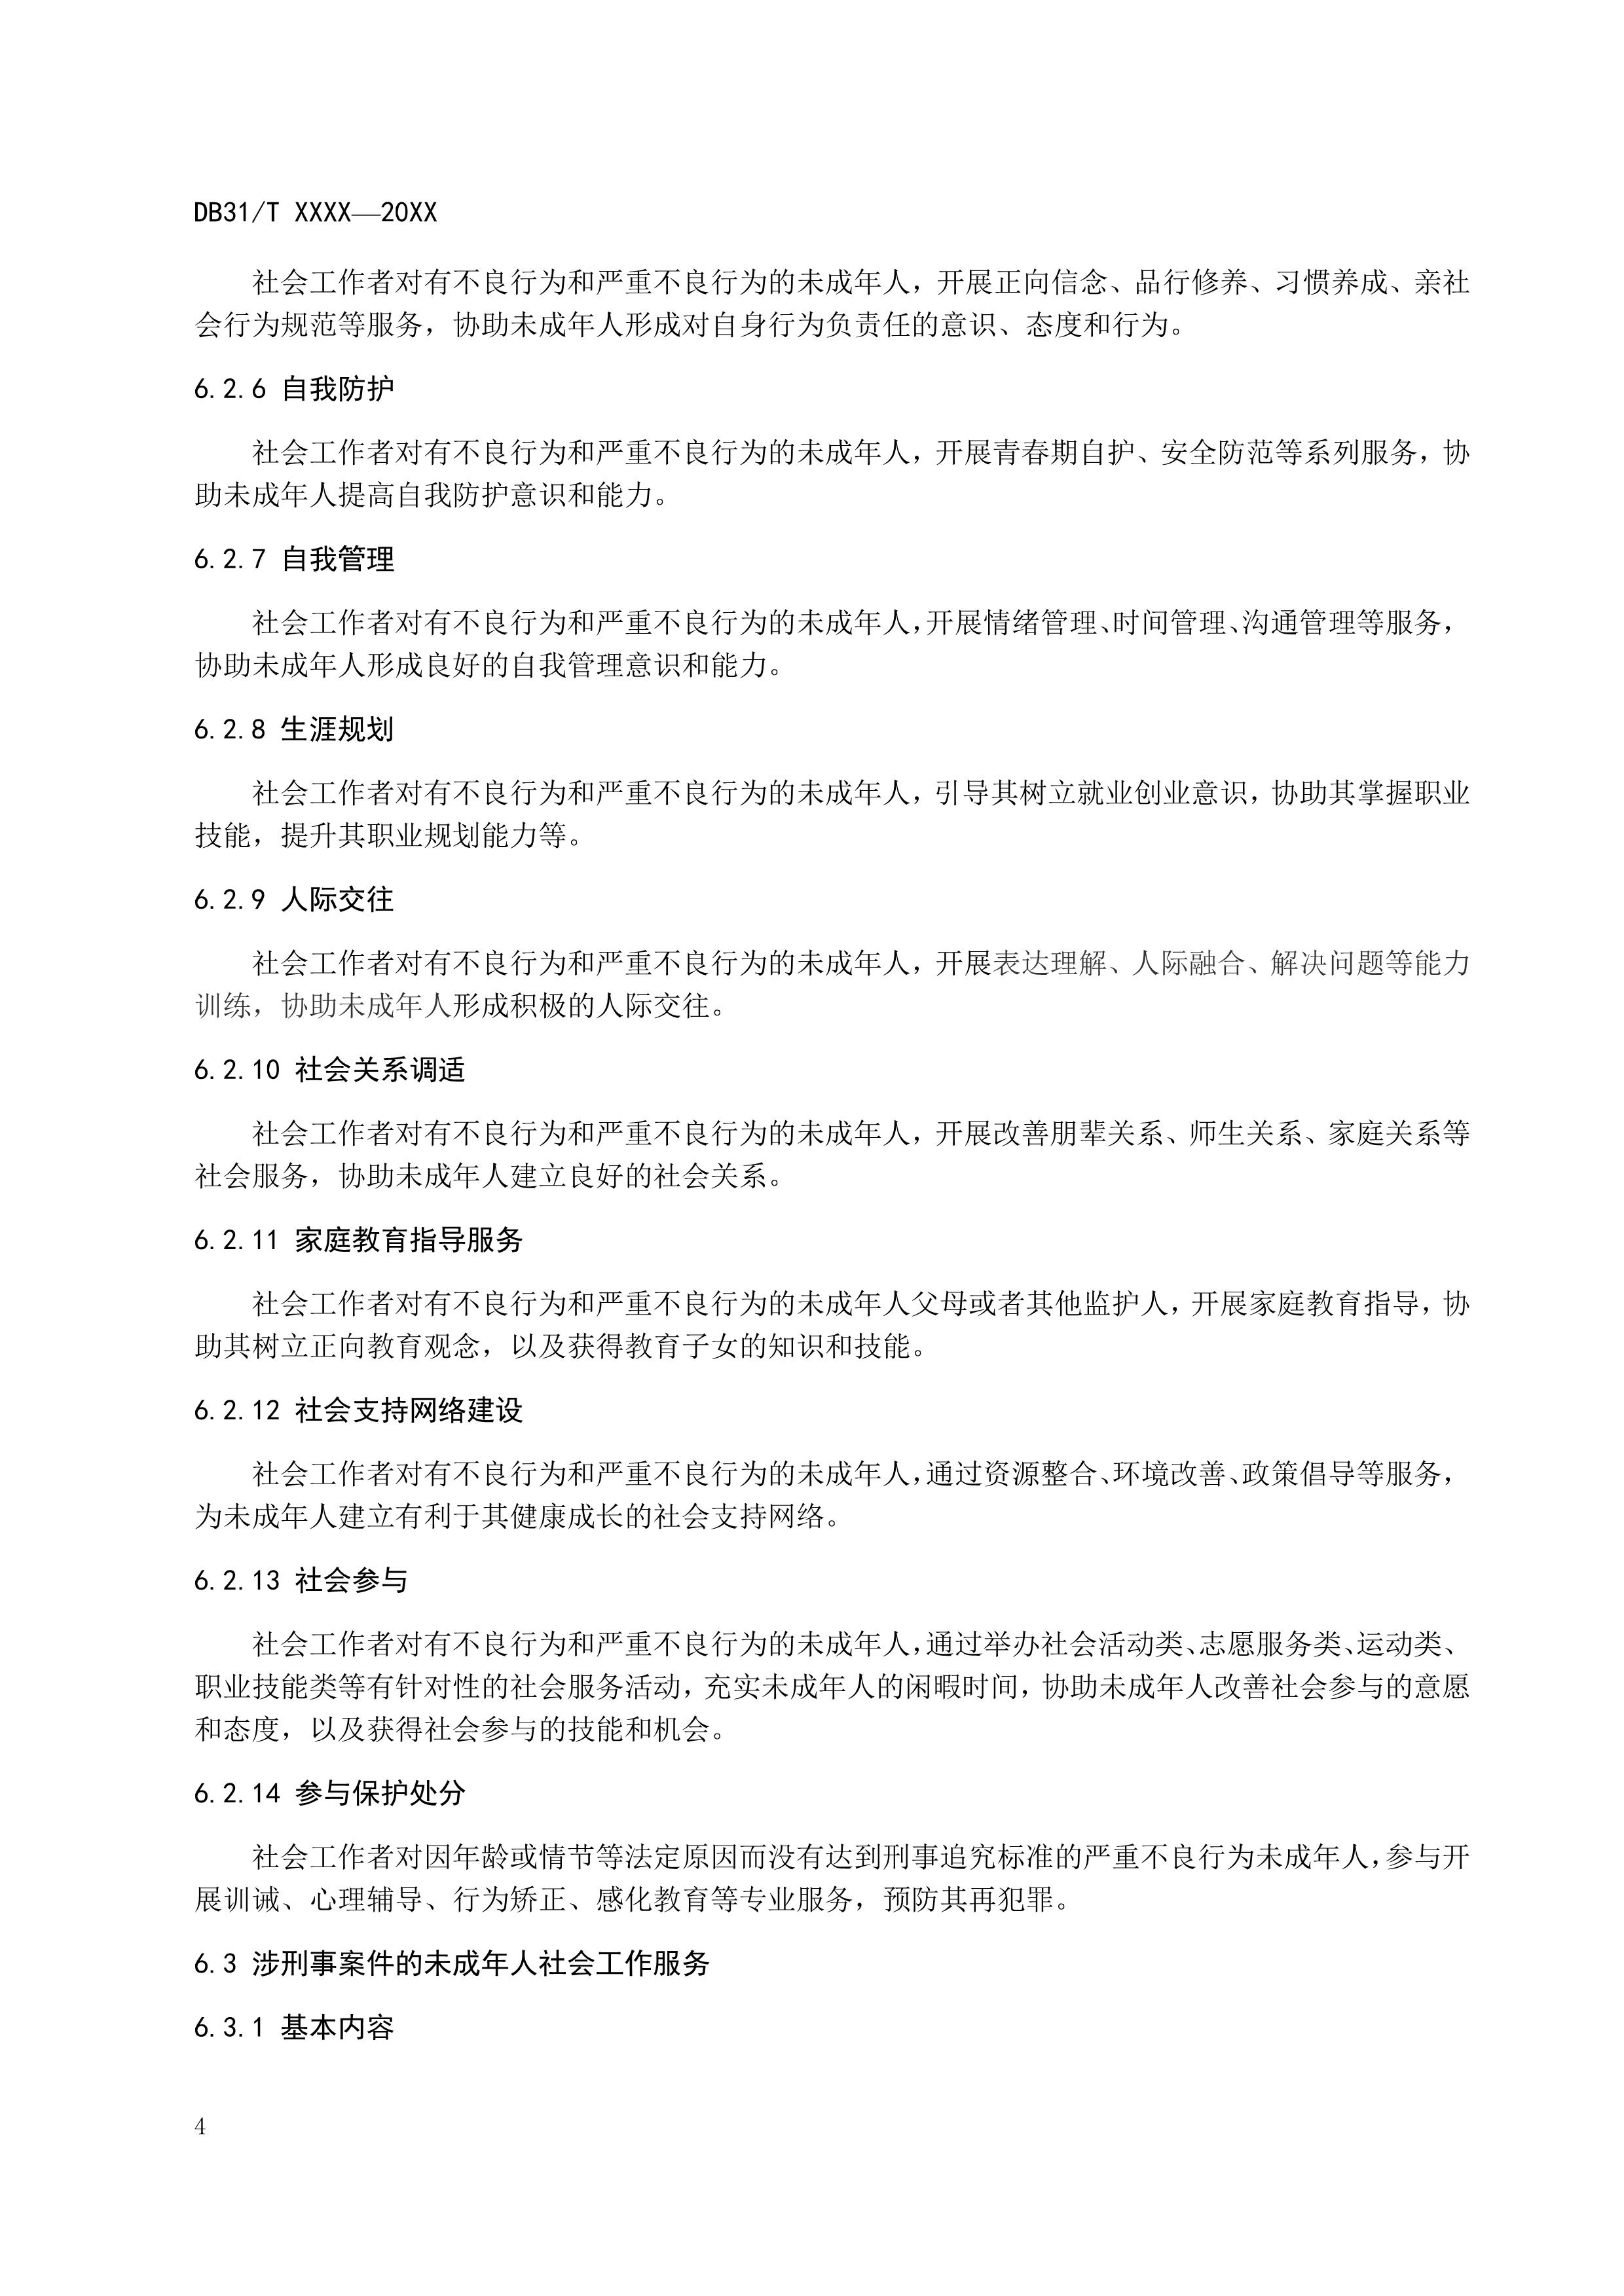 保护海洋四联漫画_上海市阳光社区青少年事务中心